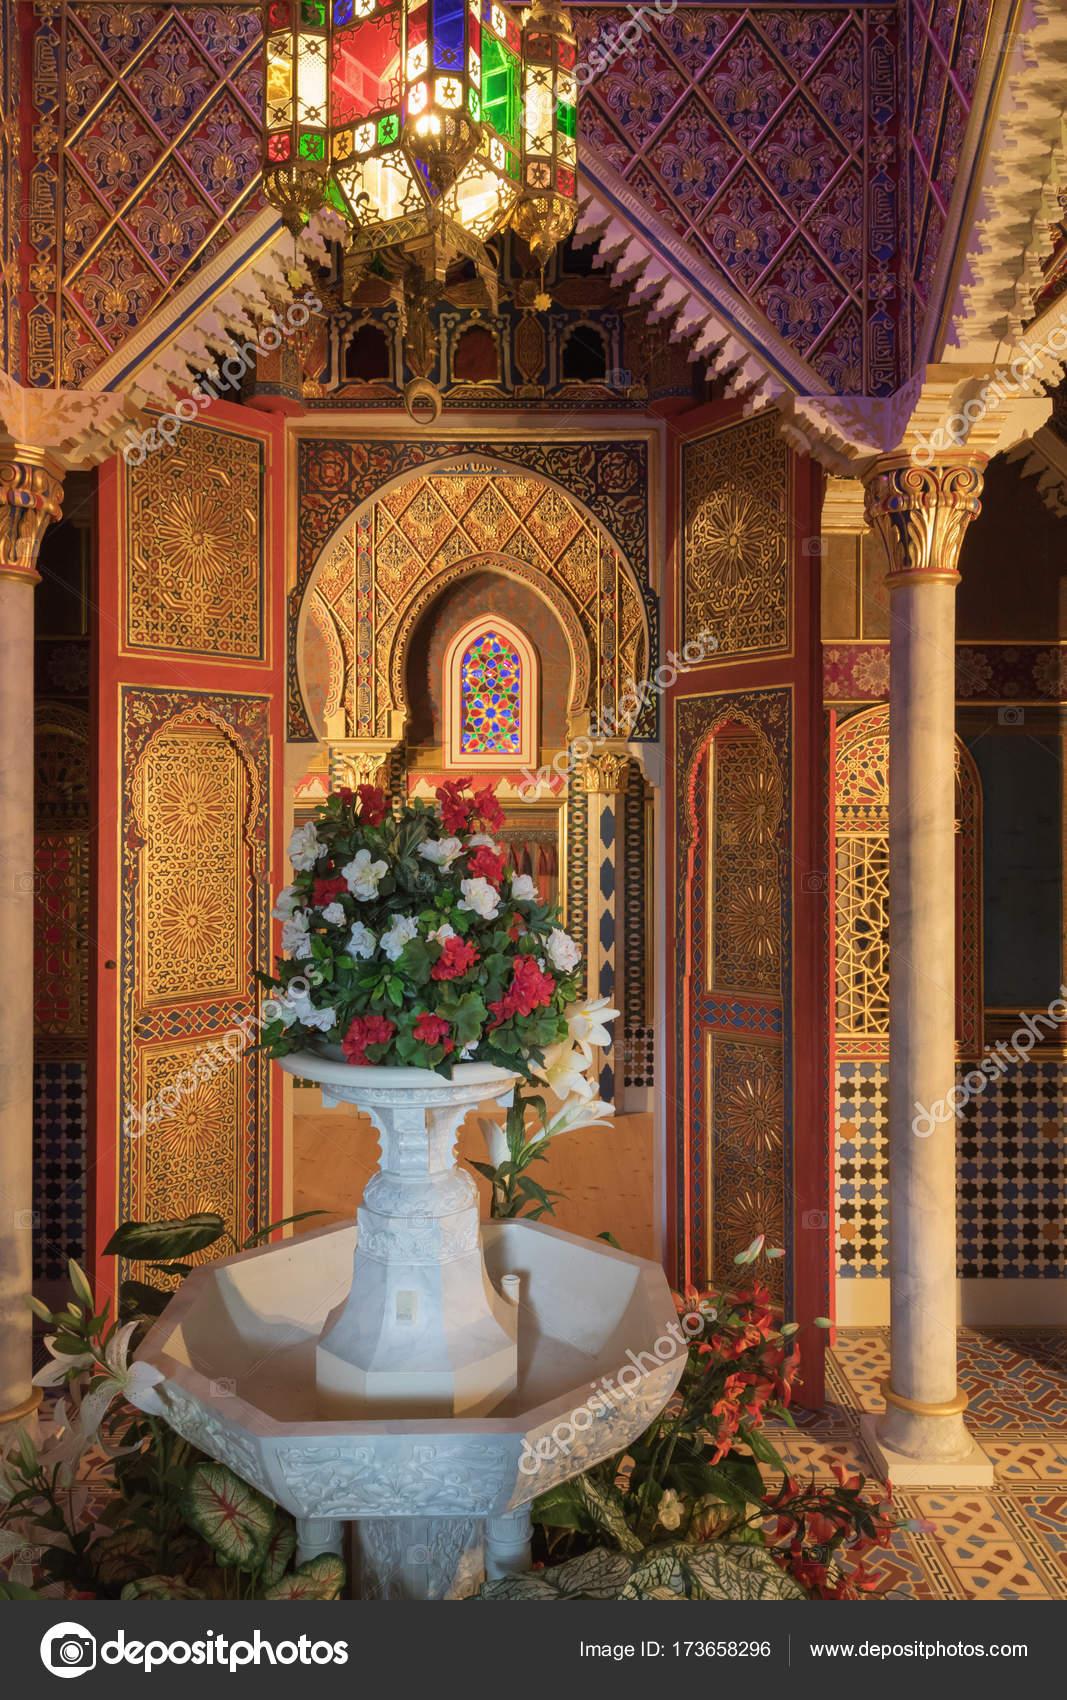 https://st3.depositphotos.com/5354242/17365/i/1600/depositphotos_173658296-stockafbeelding-exotische-interieur-in-het-marokkaanse.jpg